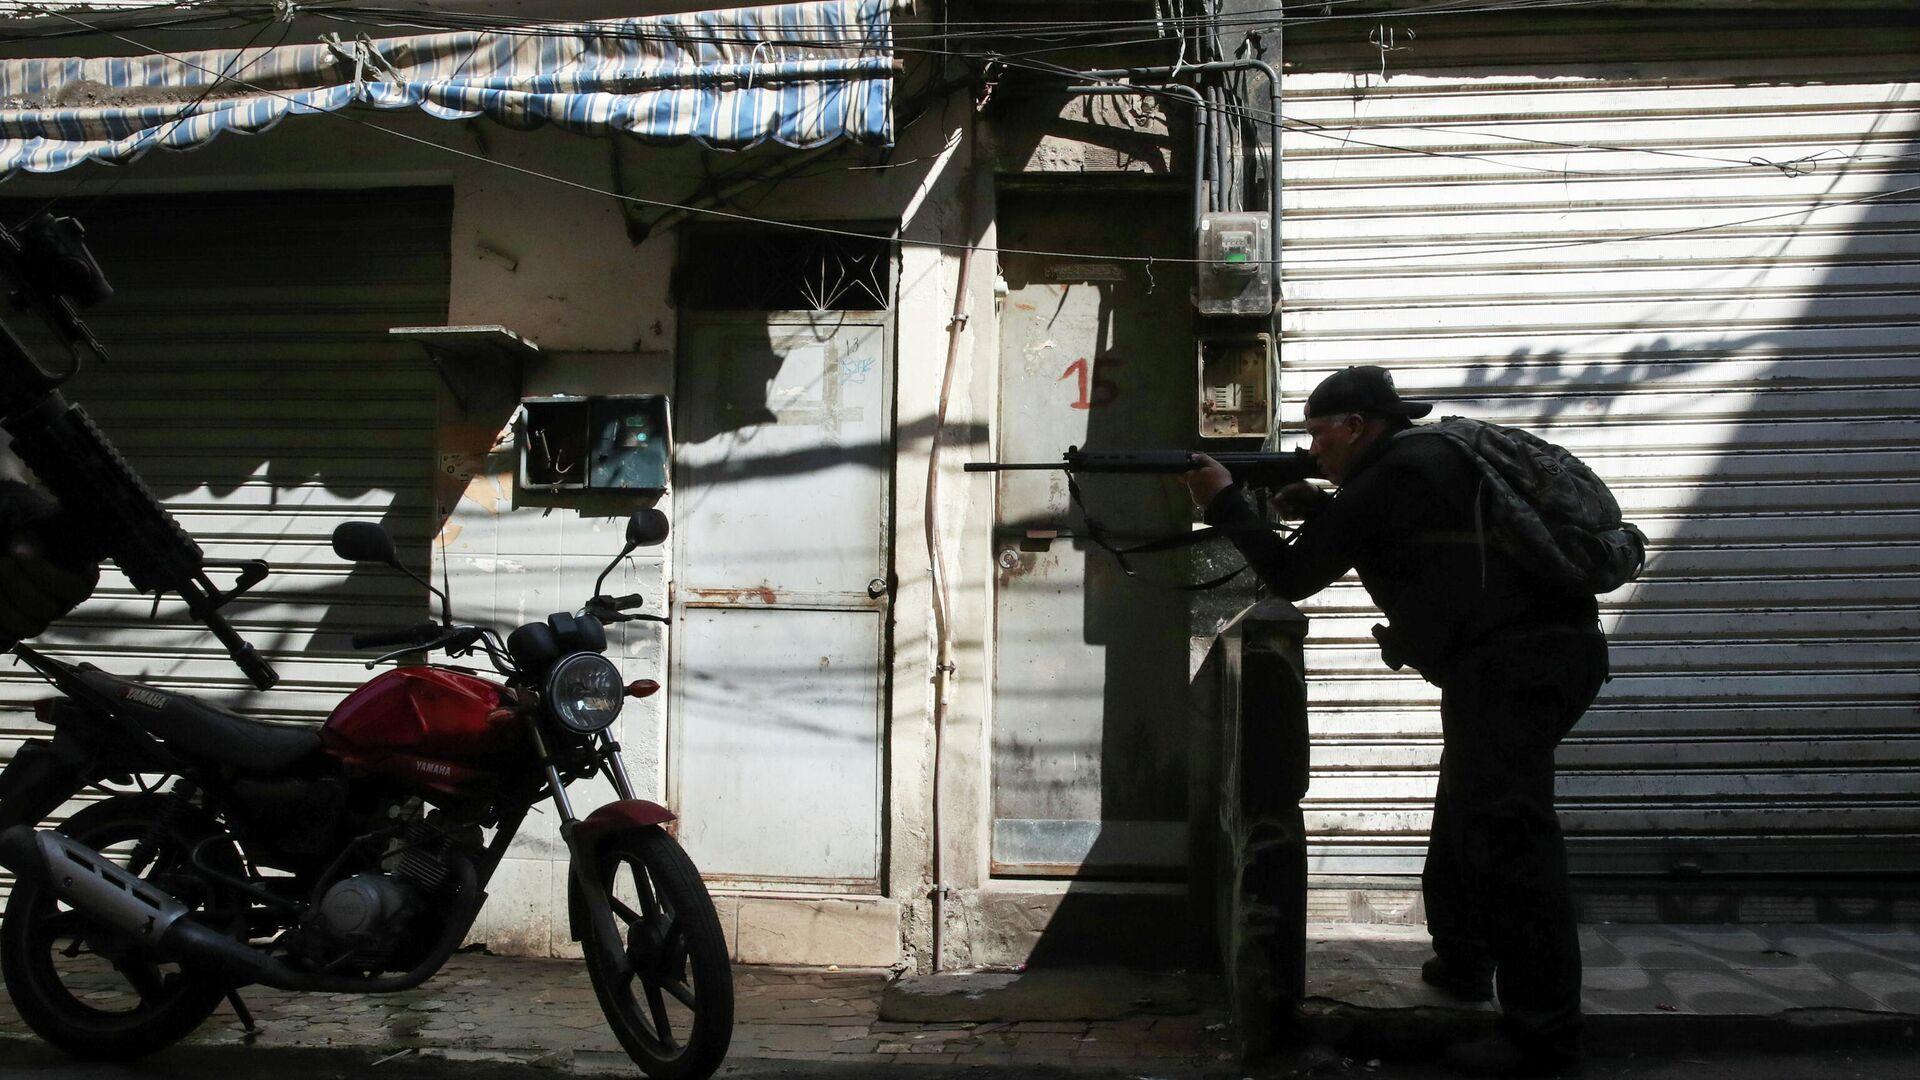 La operación policial en Jacarezinho que terminó con 25 personas muertas en una favela en Río de Janeiro - Sputnik Mundo, 1920, 07.05.2021